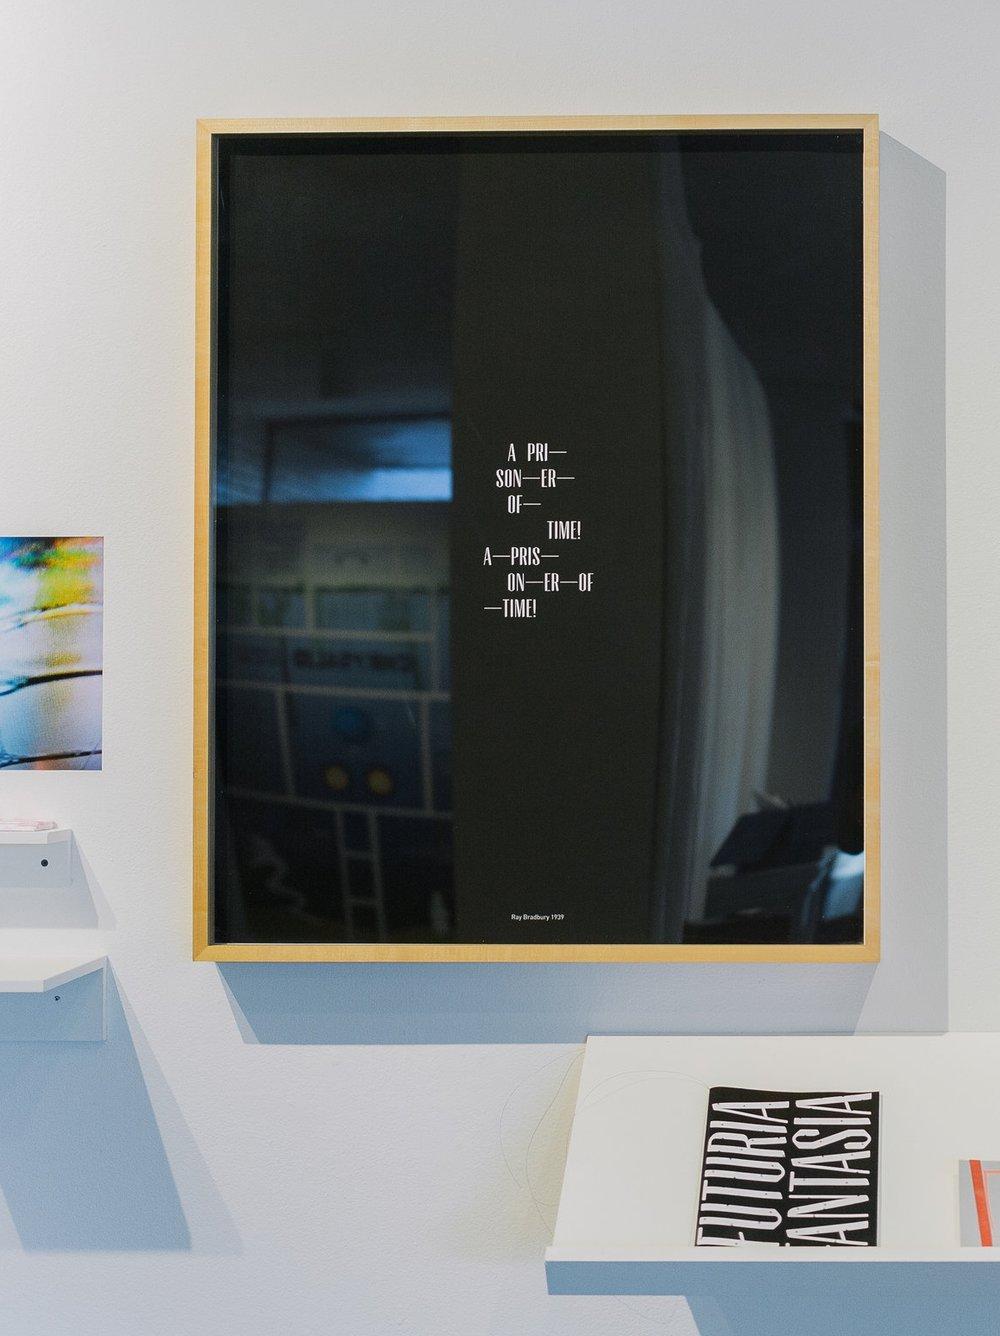 framedposter.jpg